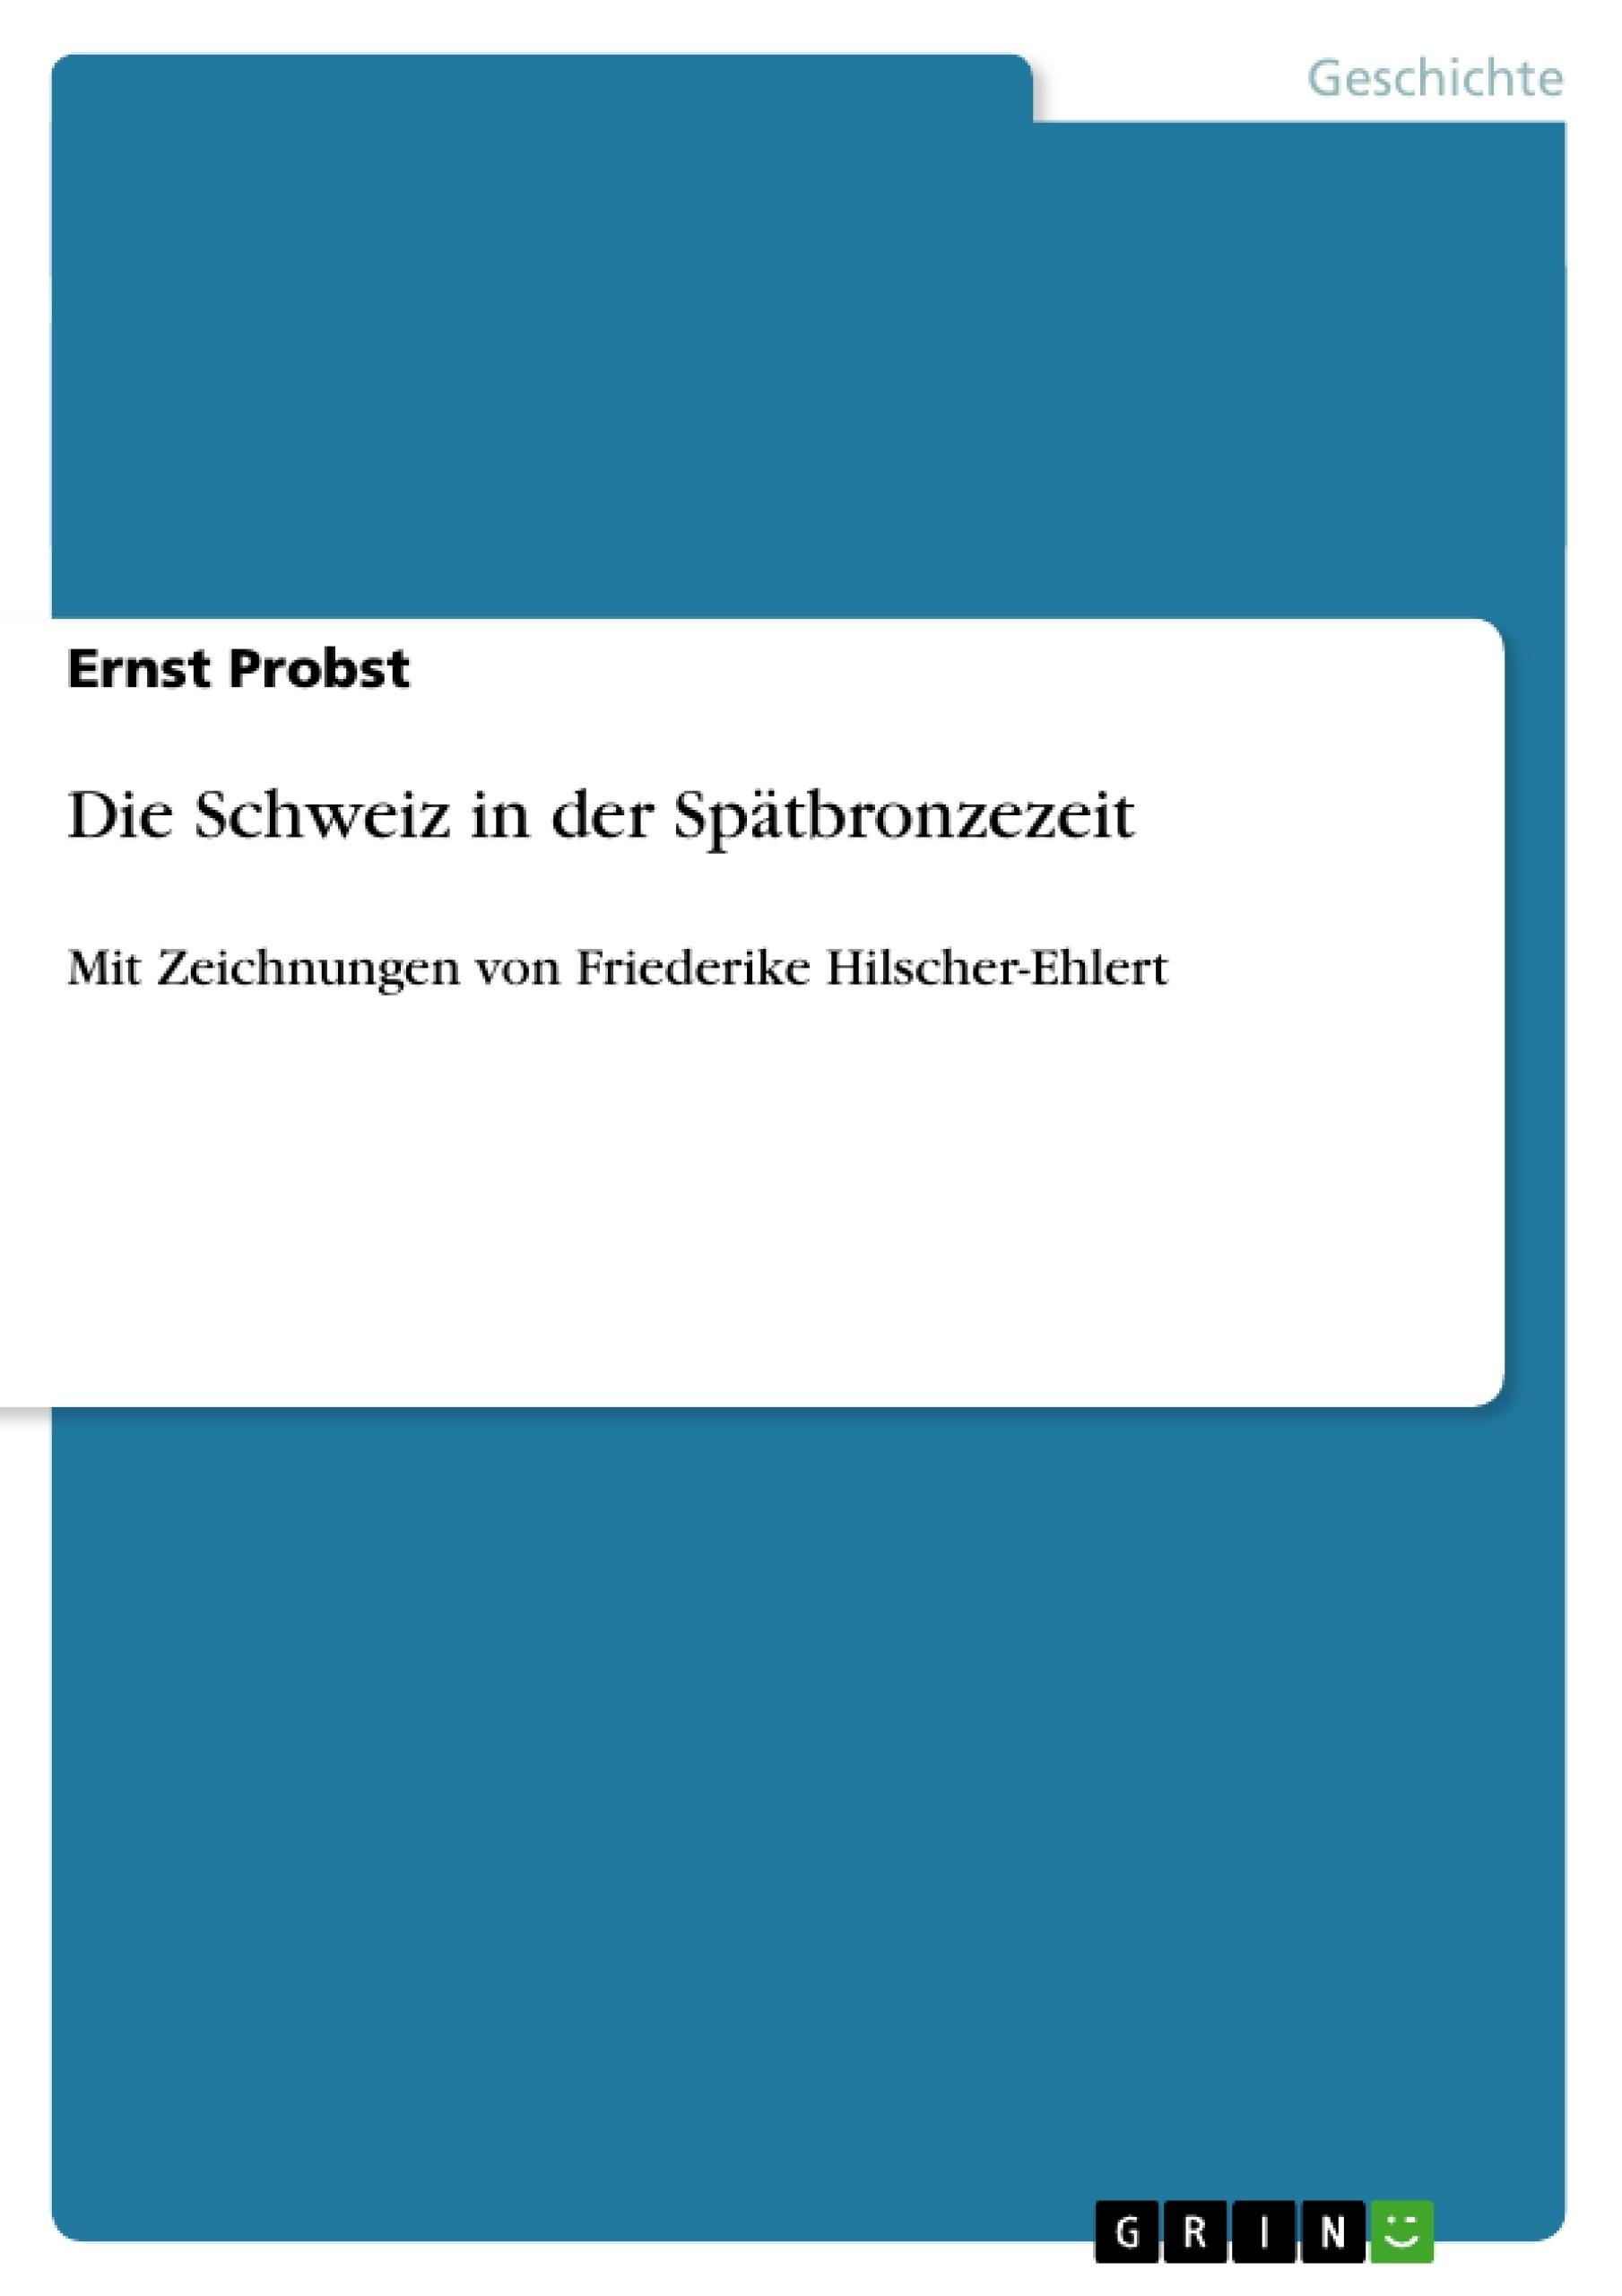 Titel: Die Schweiz in der Spätbronzezeit